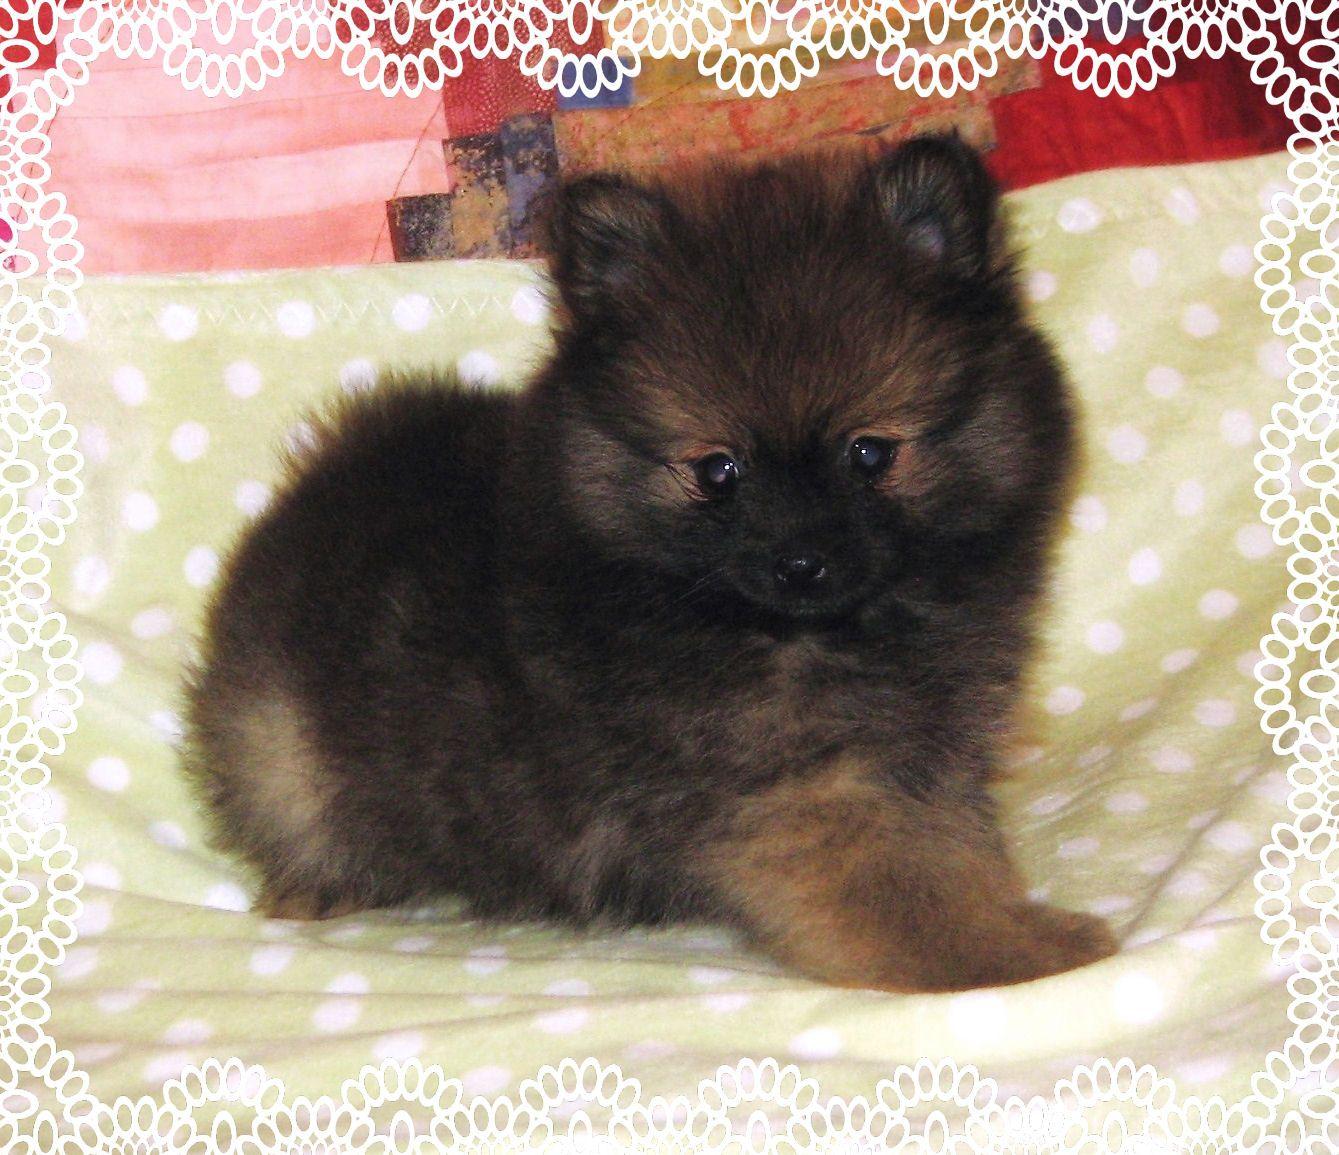 Toy Pomeranian puppy Pomeranian puppy, Pomeranian puppy